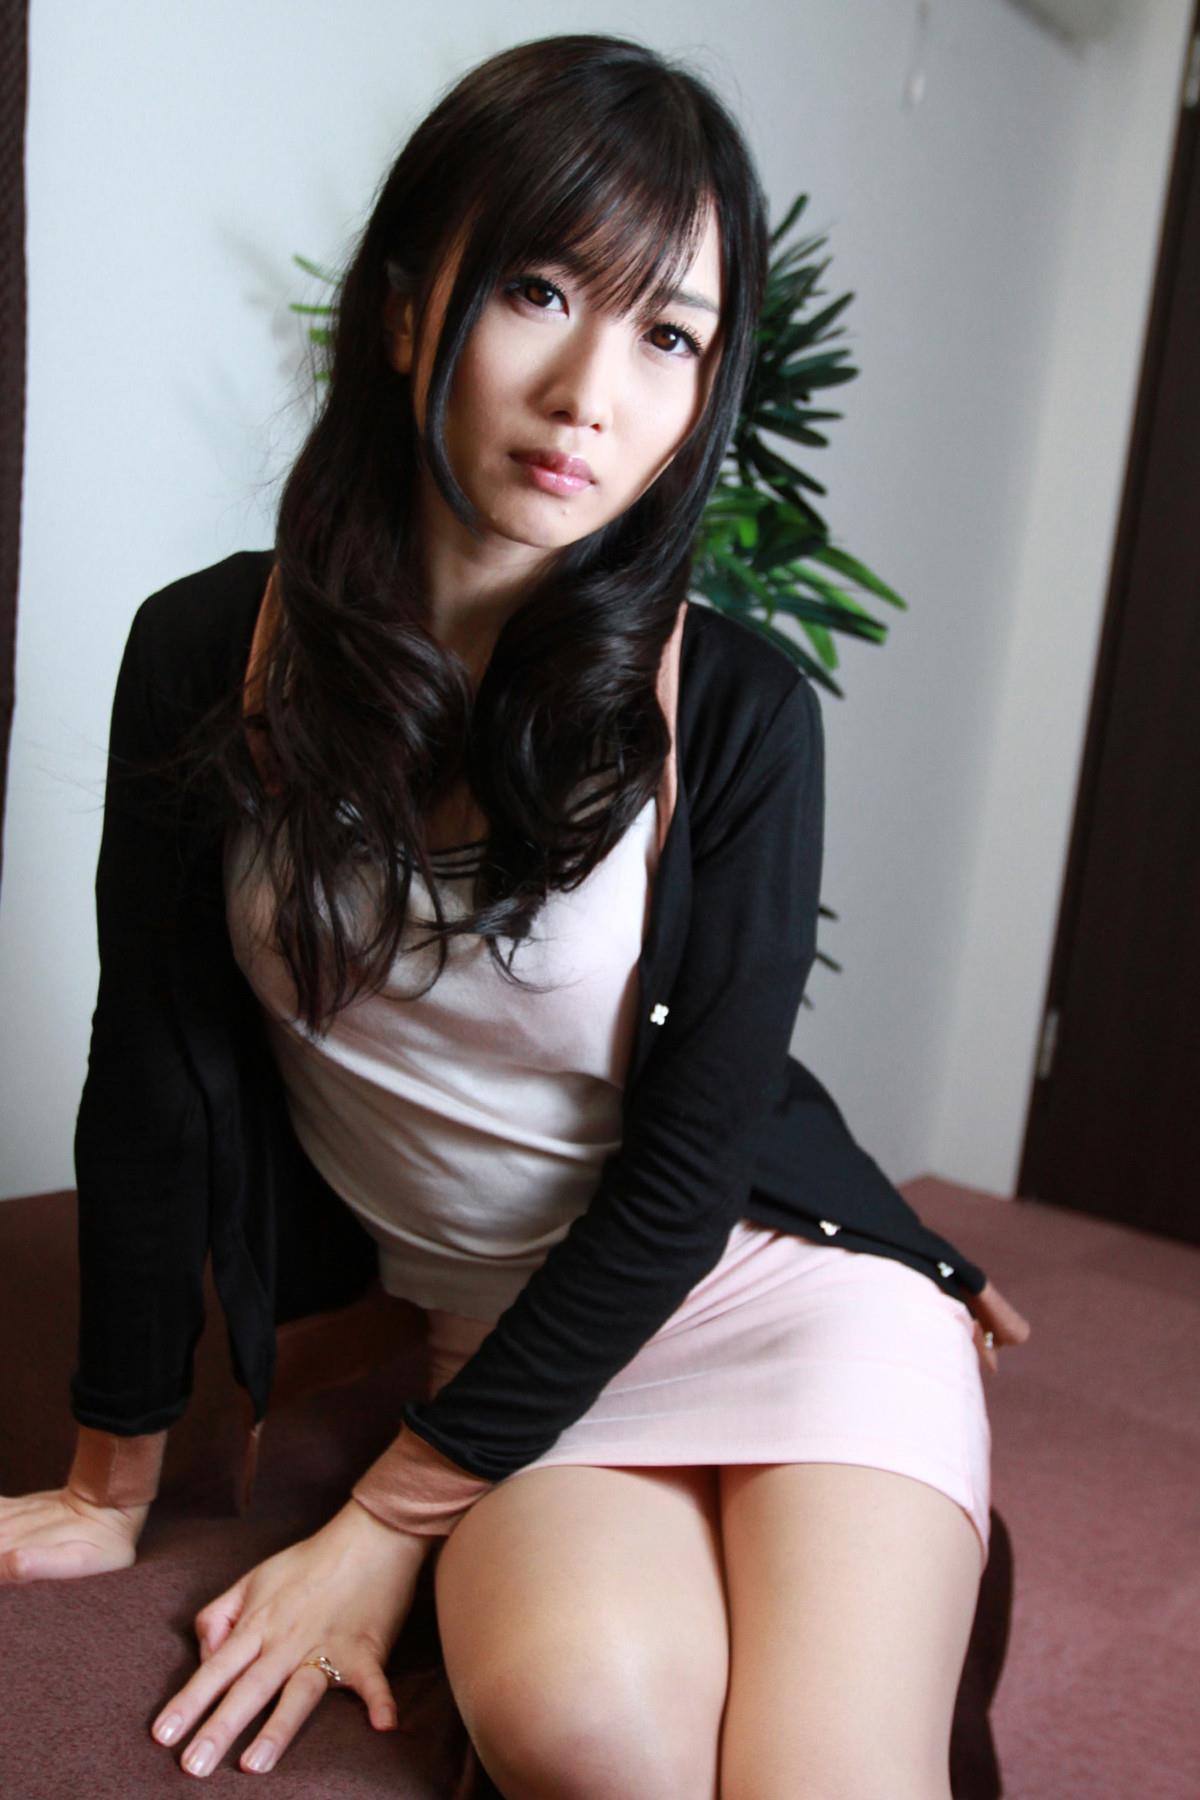 大槻ひびき エロ画像 20